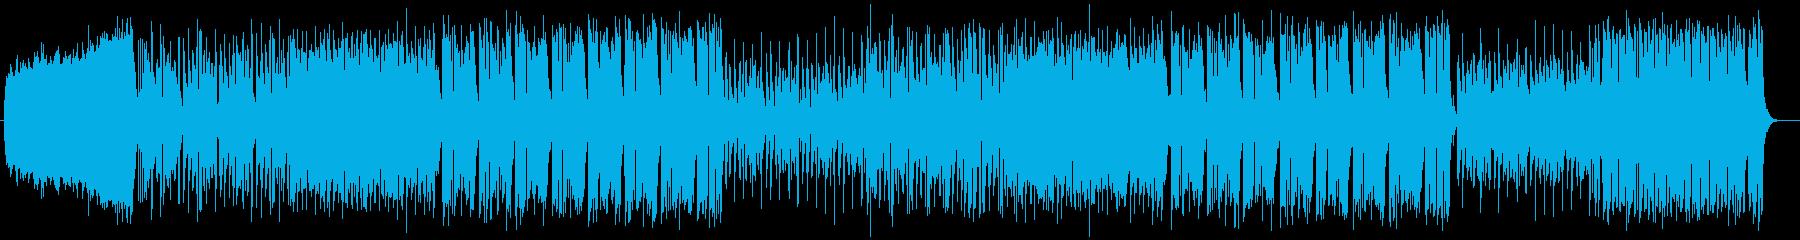 爽やかキラキラポップの再生済みの波形